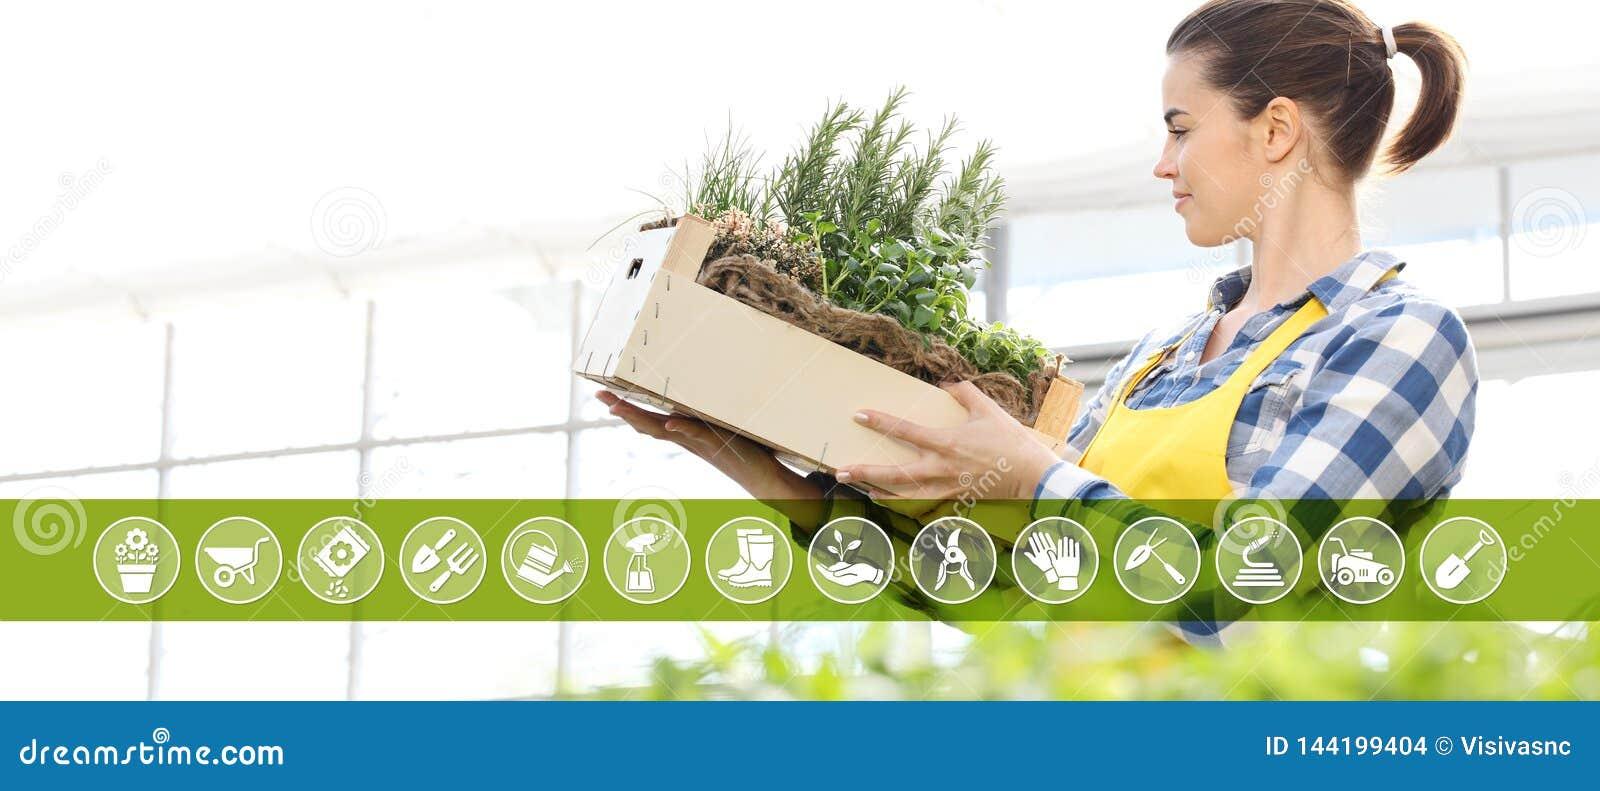 Iconos del comercio electrónico del equipo que cultiva un huerto, mujer sonriente con la caja de madera por completo de hierbas d